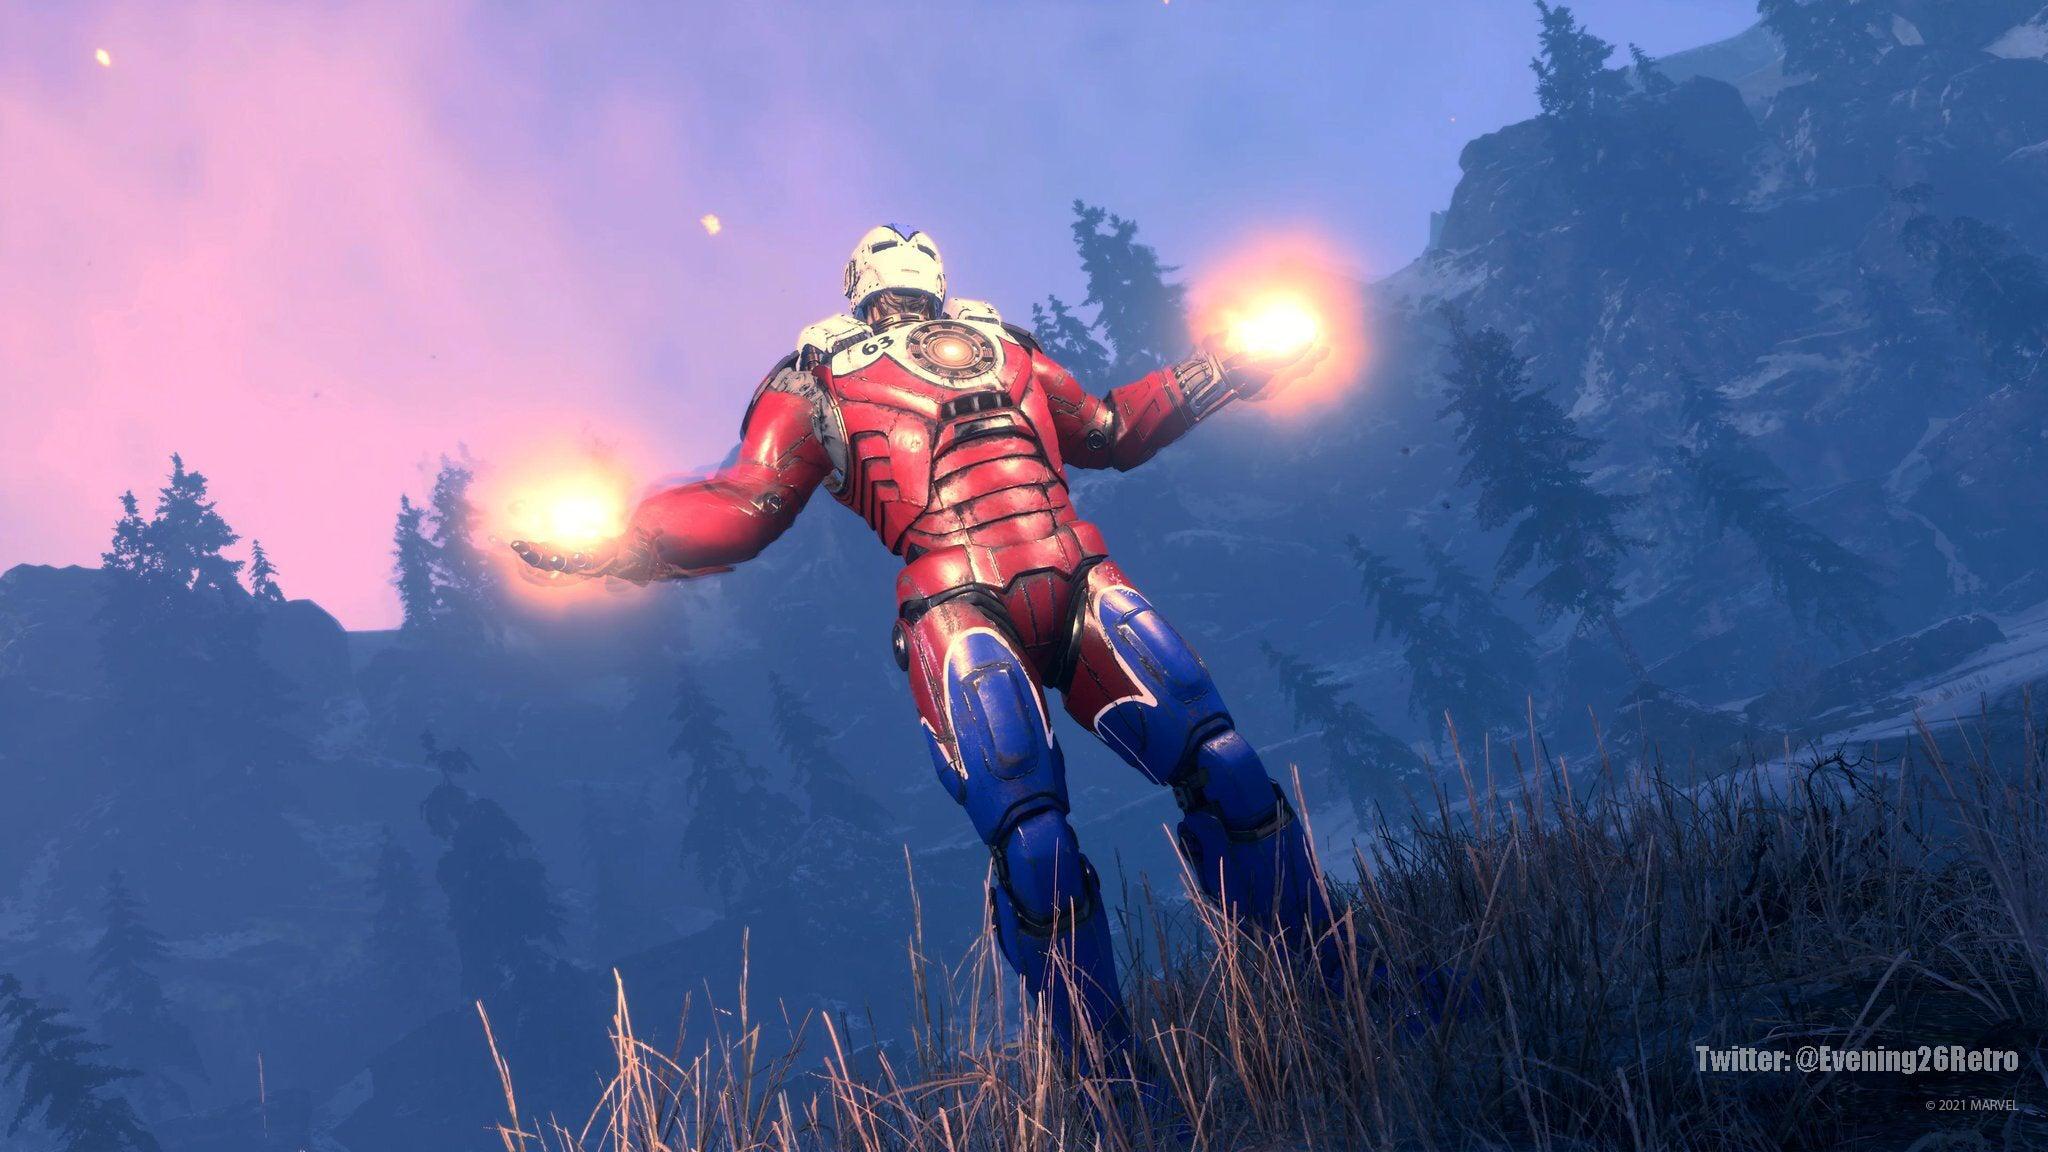 Iron Man con el atuendo Aleación de hierro. Las piernas son azules; la pechera, roja; y las hombreras y el casco, chapados en blanco. Vemos a Iron Man sobre el terreno, con los brazos extendidos a los lados. Los guanteletes, preparados con energía, como si estuviese provocando al enemigo.